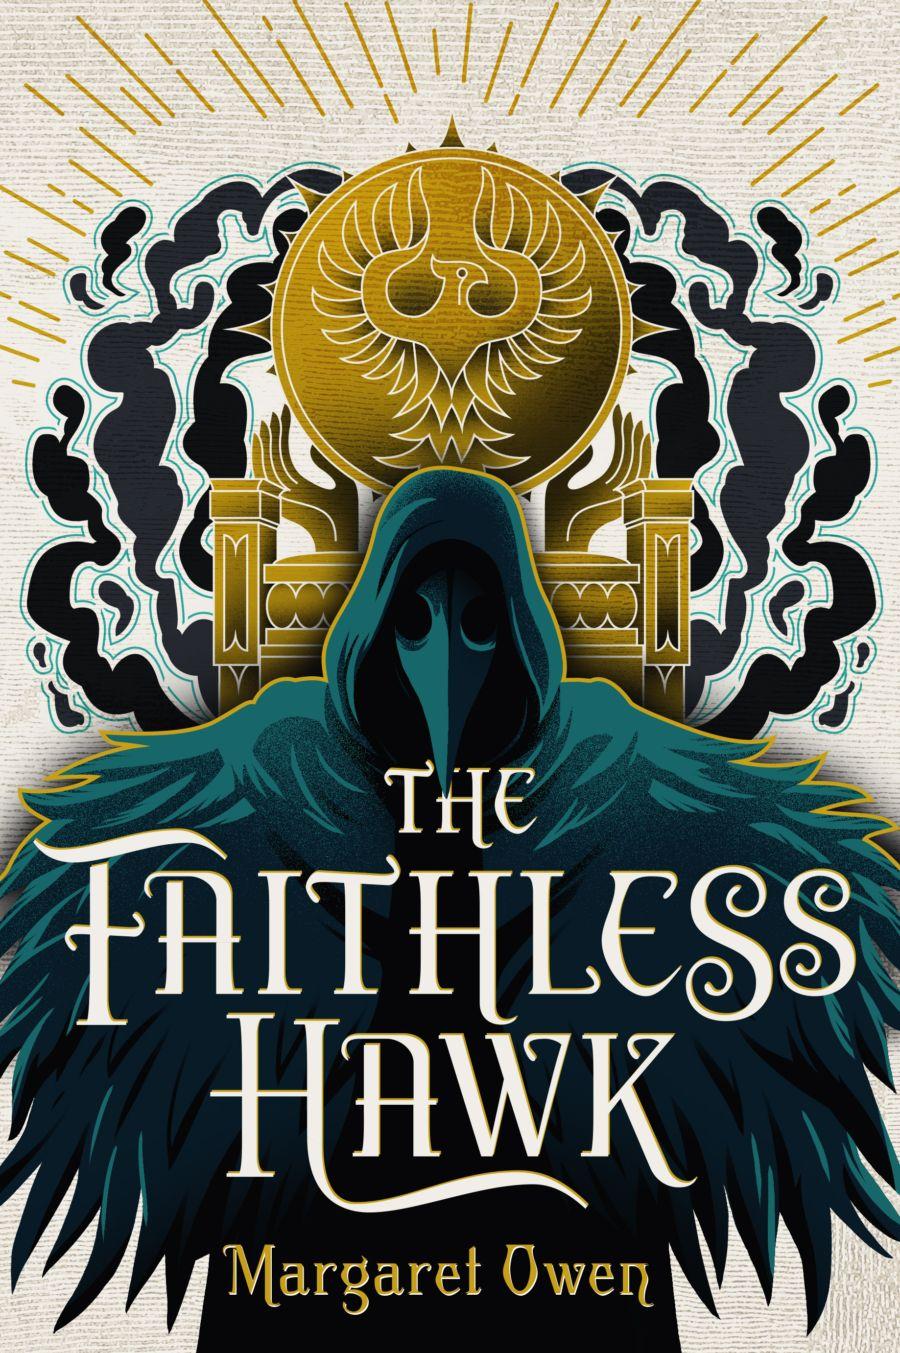 faithless hawk cover reveal